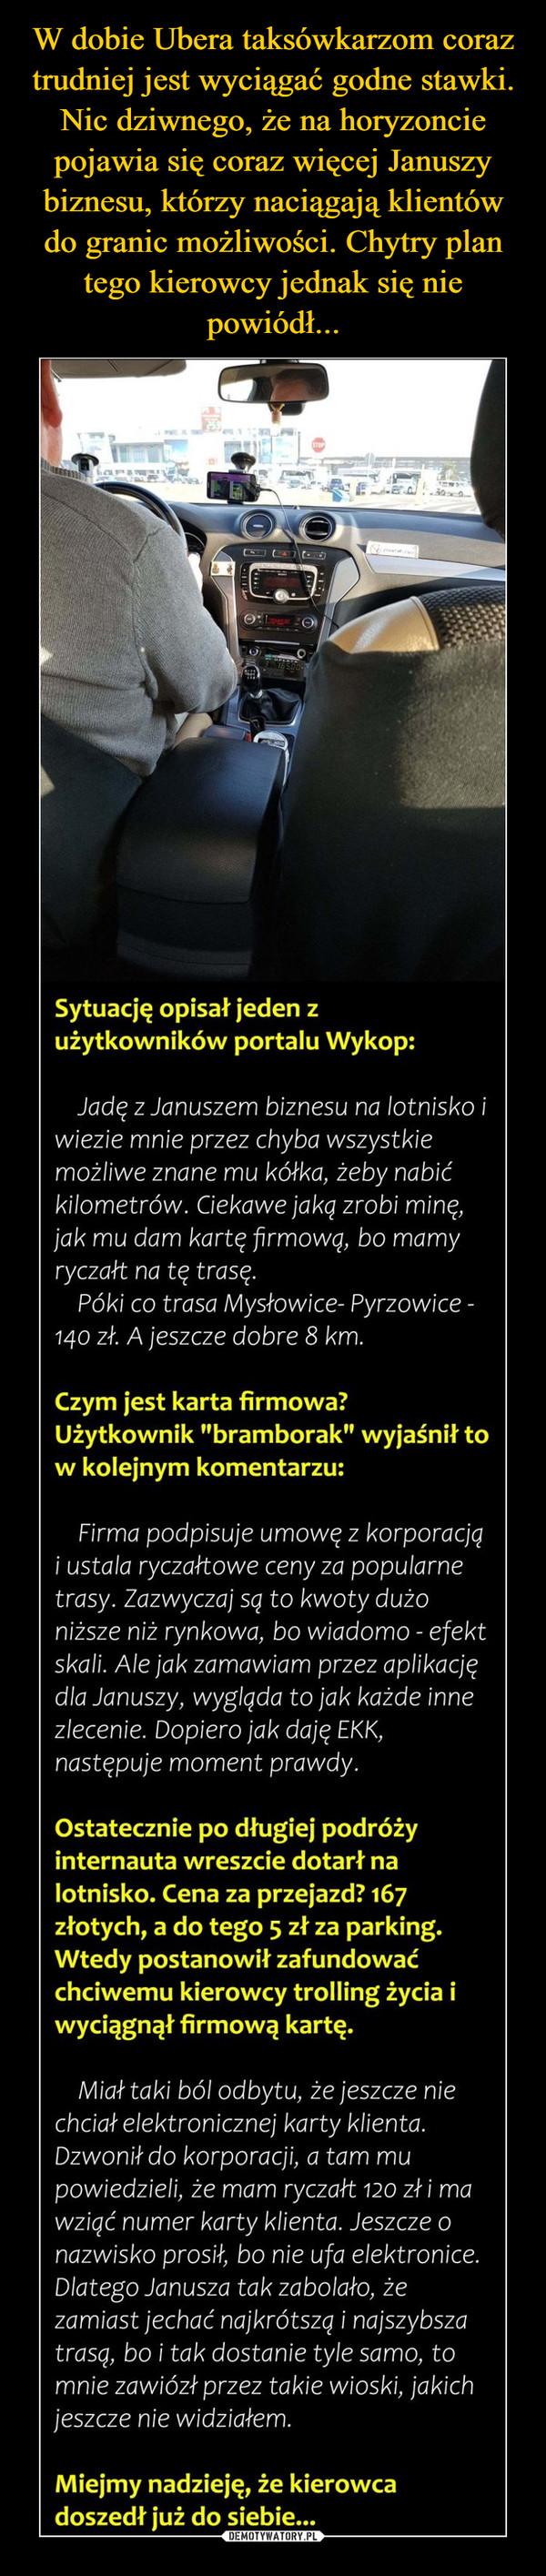 """–  Sytuację opisał jeden zużytkowników portalu Wykop:Jadę z Januszem biznesu na lot nisko iwiezie mnie przez chyba wszystkiemożliwe znane mu kółko, żeby nabićkilometrów. Ciekowe jakq zrobi minę,jak mu dom kartę firmowa, bo mamyryczałt na tę trasę.Póki co trasa Mysłowice- Pyrzowice -140 zł. A jeszcze dobre 8 km.Czym jest karta firmowa?Użytkownik """"bramborak"""" wyjaśnił tow kolejnym komentarzu:Firmo podpisuje umowę z korporacjai usta/a ryczałtowe ceny za popularnetrasy. Zazwyczaj sa to kwoty dużoniższe niż rynkowa, bo wiadomo - efektskali Ale jak zamawiam przez aplikacjędla Januszy, wygląda to jak każde innezlecenie. Dopiero jak daję EKK,następuje moment prawdy.Ostatecznie po długiej podróżyinternauta wreszcie dotarł nalotnisko. Cena za przejazd? 167złotych, a do tego 5 zł za parking.Wtedy postanowił zafundować""""chciwemu kierowcy trolling życia iwyciągnął firmową kartę.Miał taki ból odbytu, że jeszcze niechciał elektronicznej karty klienta.Dzwonił do korporacji, a tam mupowiedzieli, że mam ryczałt 120 zł i mawzięć numer karty klienta. Jeszcze onazwisko prosił, bo nie ufa elektronice.Dlatego Janusza tak zabolało, żezamiast jechać najkrótsza i najszybszatrasa, bo i tak dostanie tyle samo, tomnie zawiózł przez takie wioski, jakichjeszcze nie widziałem.Miejmy nadzieję, że kierowcadoszedł już do siebie..."""